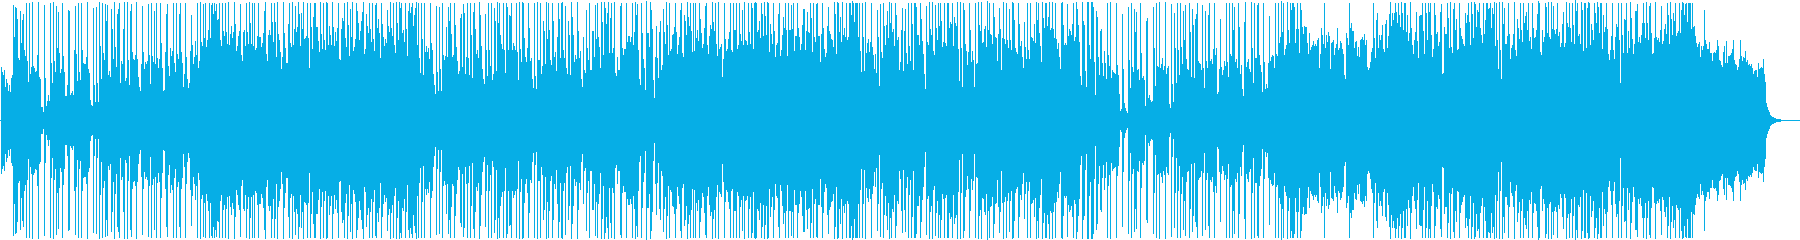 今注目のおしゃれなシティポップ系BGMの再生済みの波形